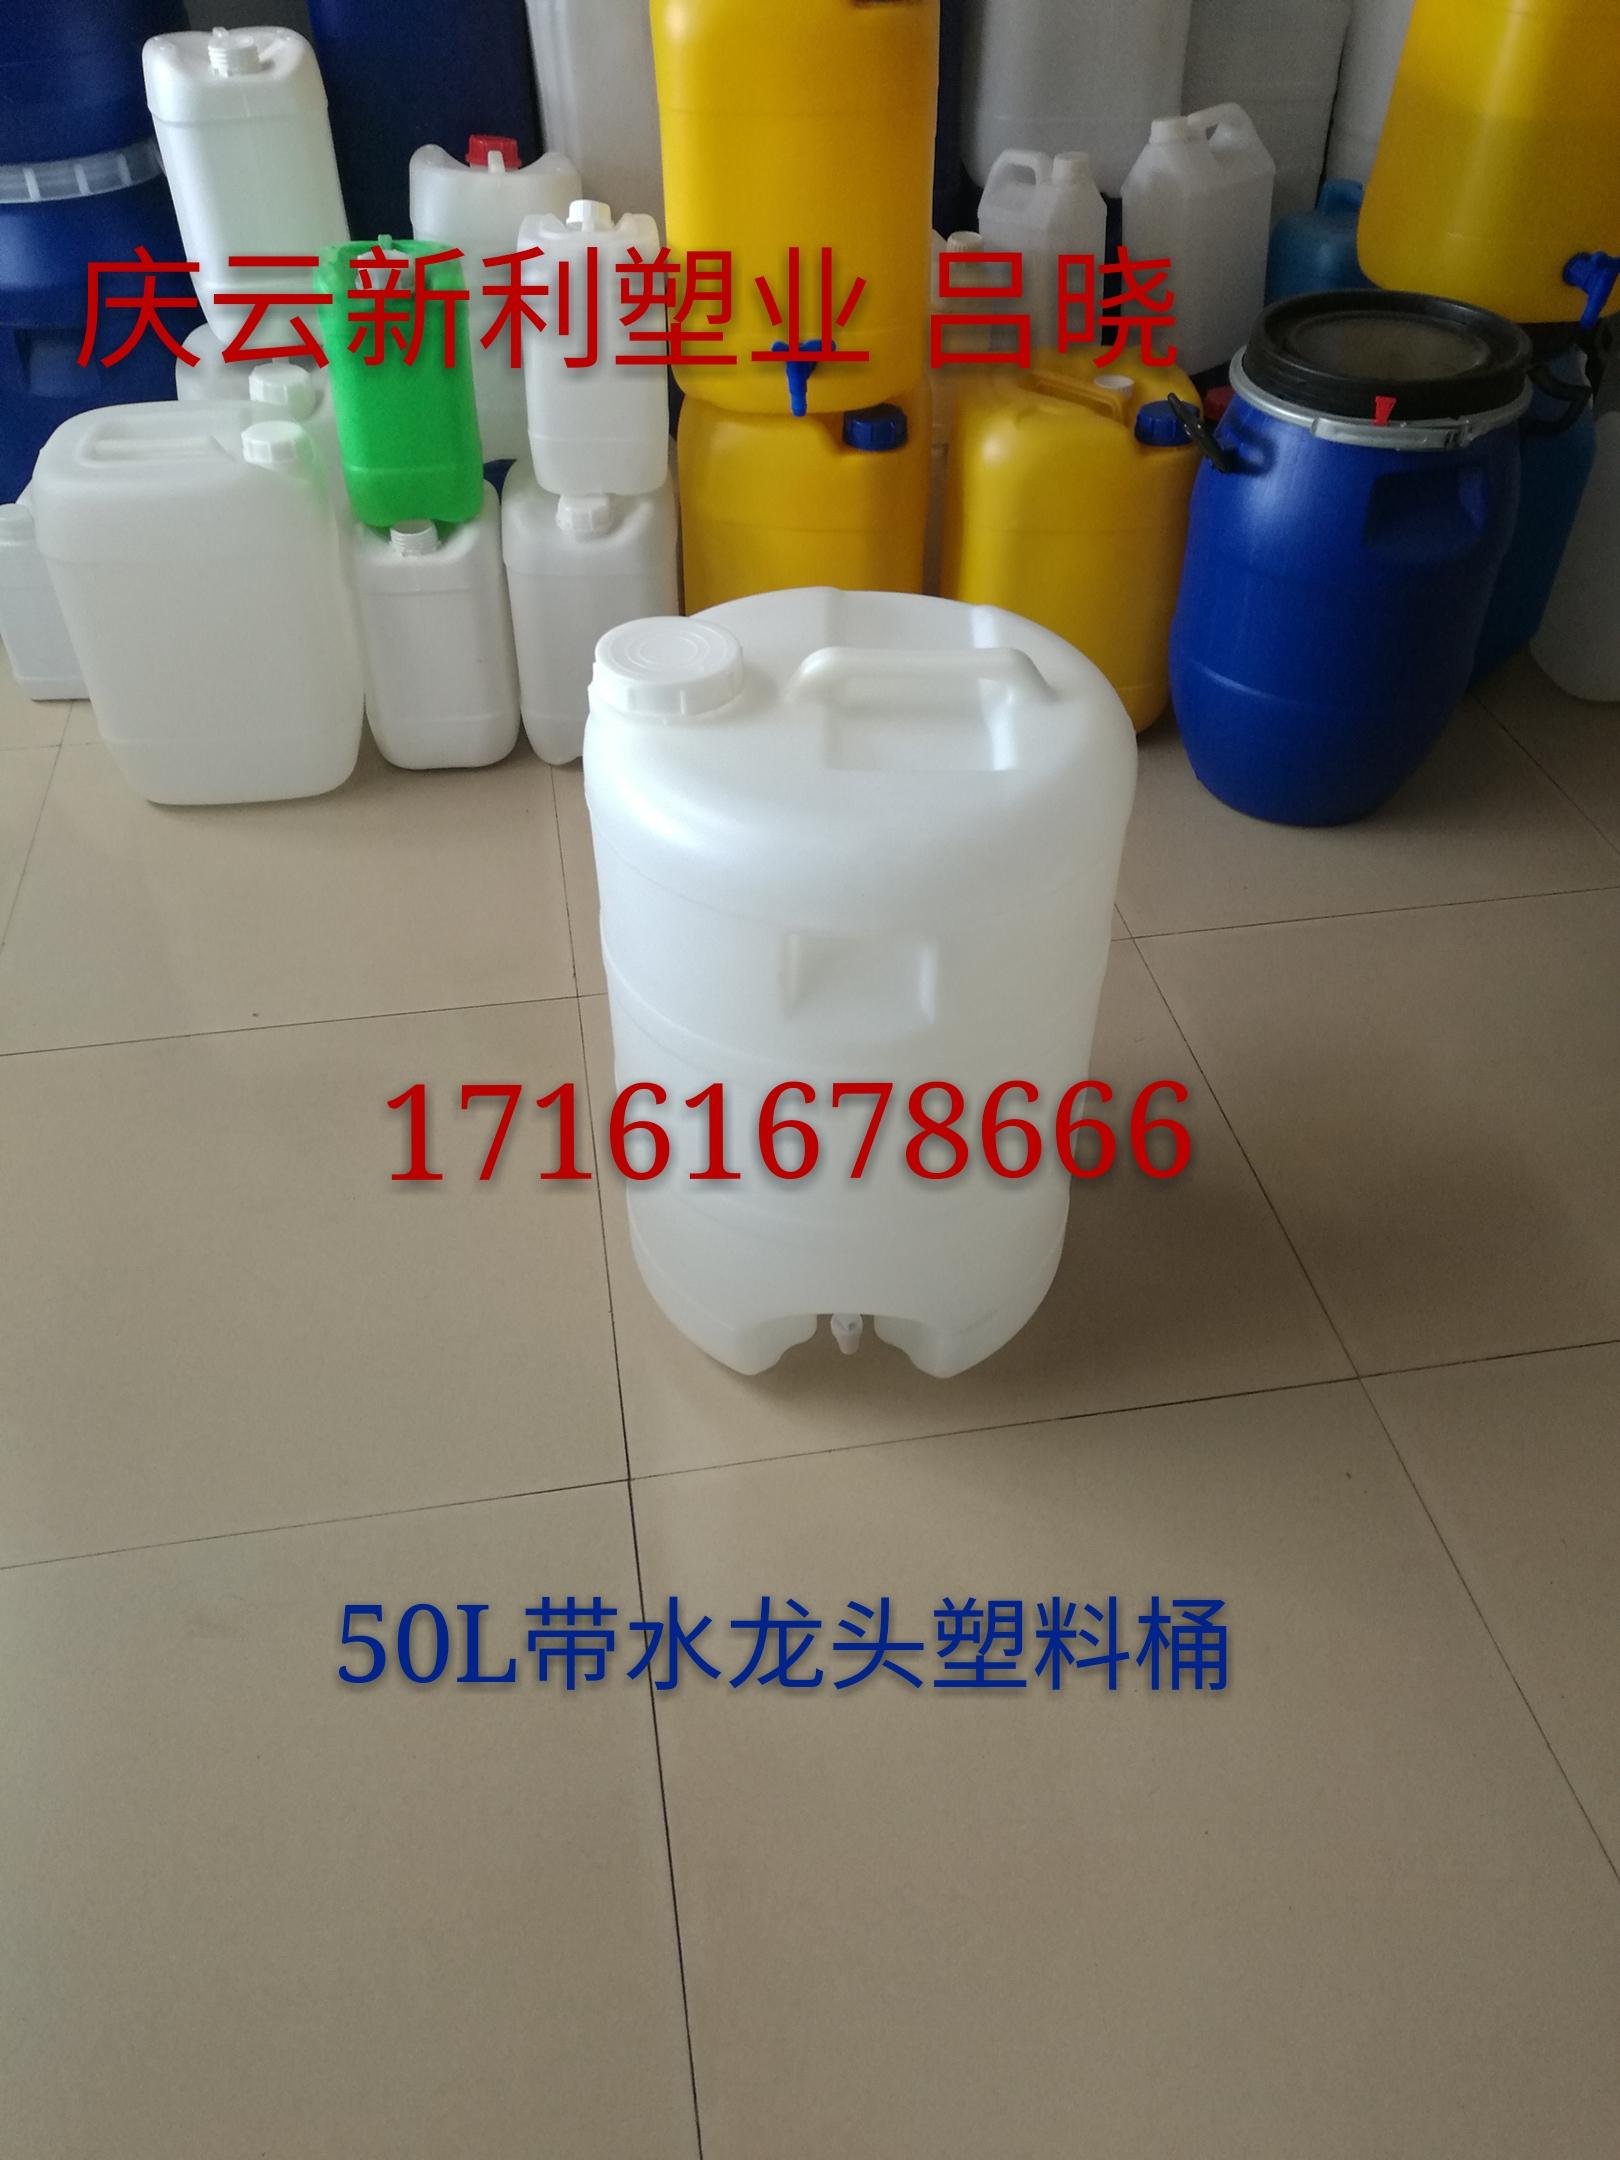 丨庆云新利塑业厂家直销丨50升水嘴塑料桶50升水龙头塑料桶